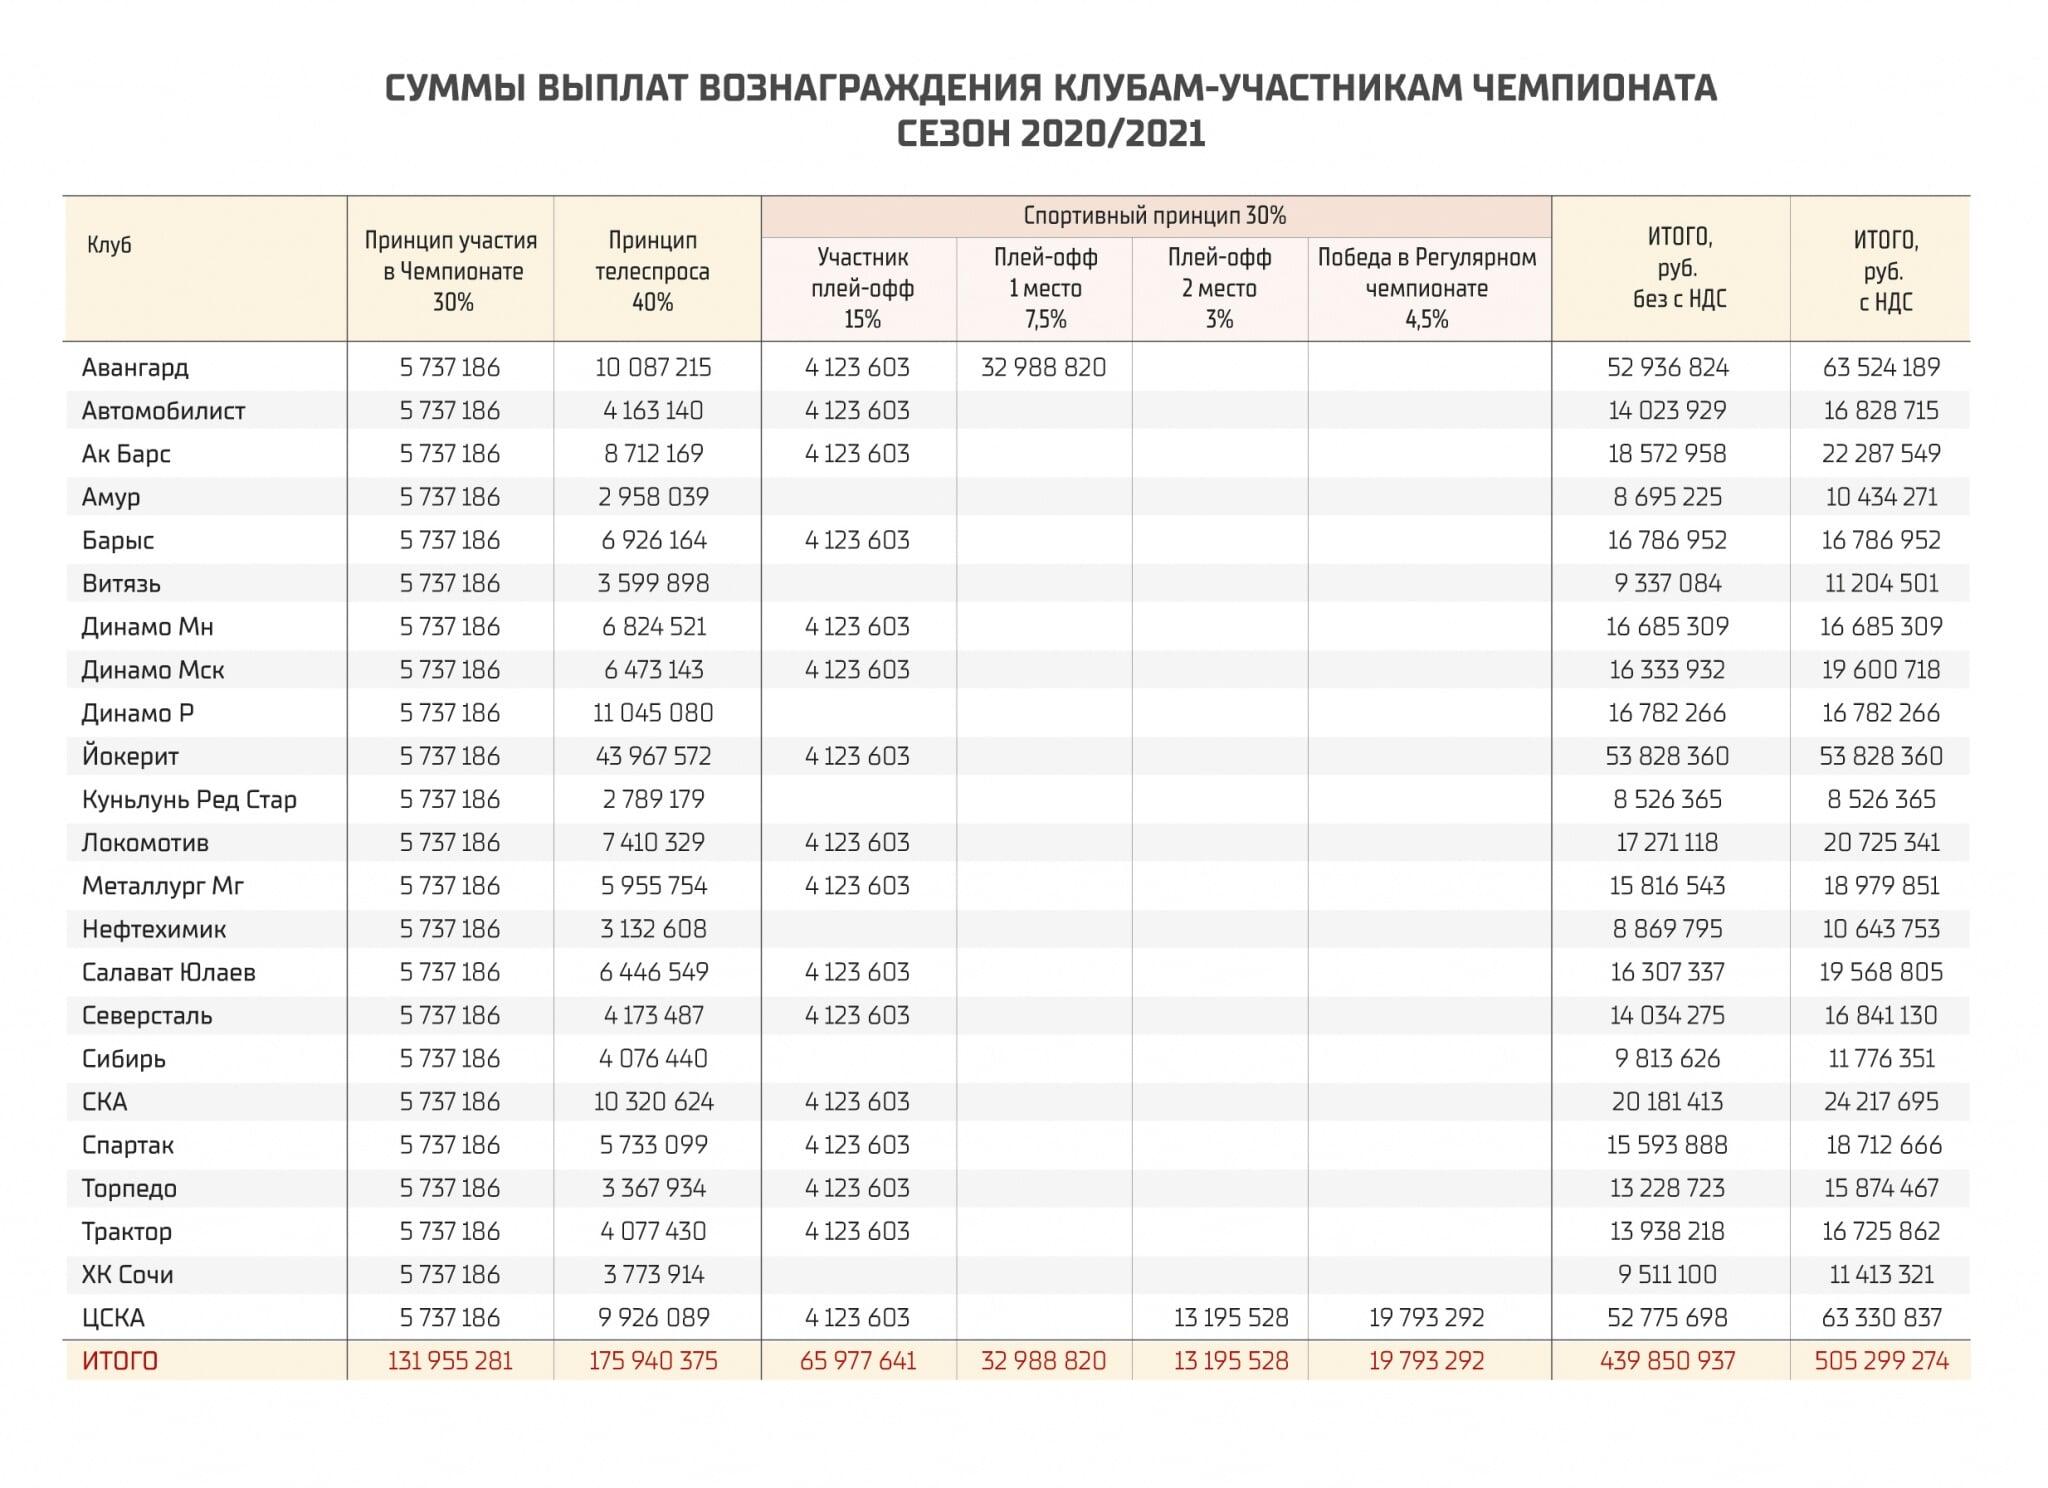 КХЛ выплатит клубам 505,3 млн рублей за прошлый сезон. «Йокерит» получит больше всех, «Авангард» и ЦСКА – в топ-3